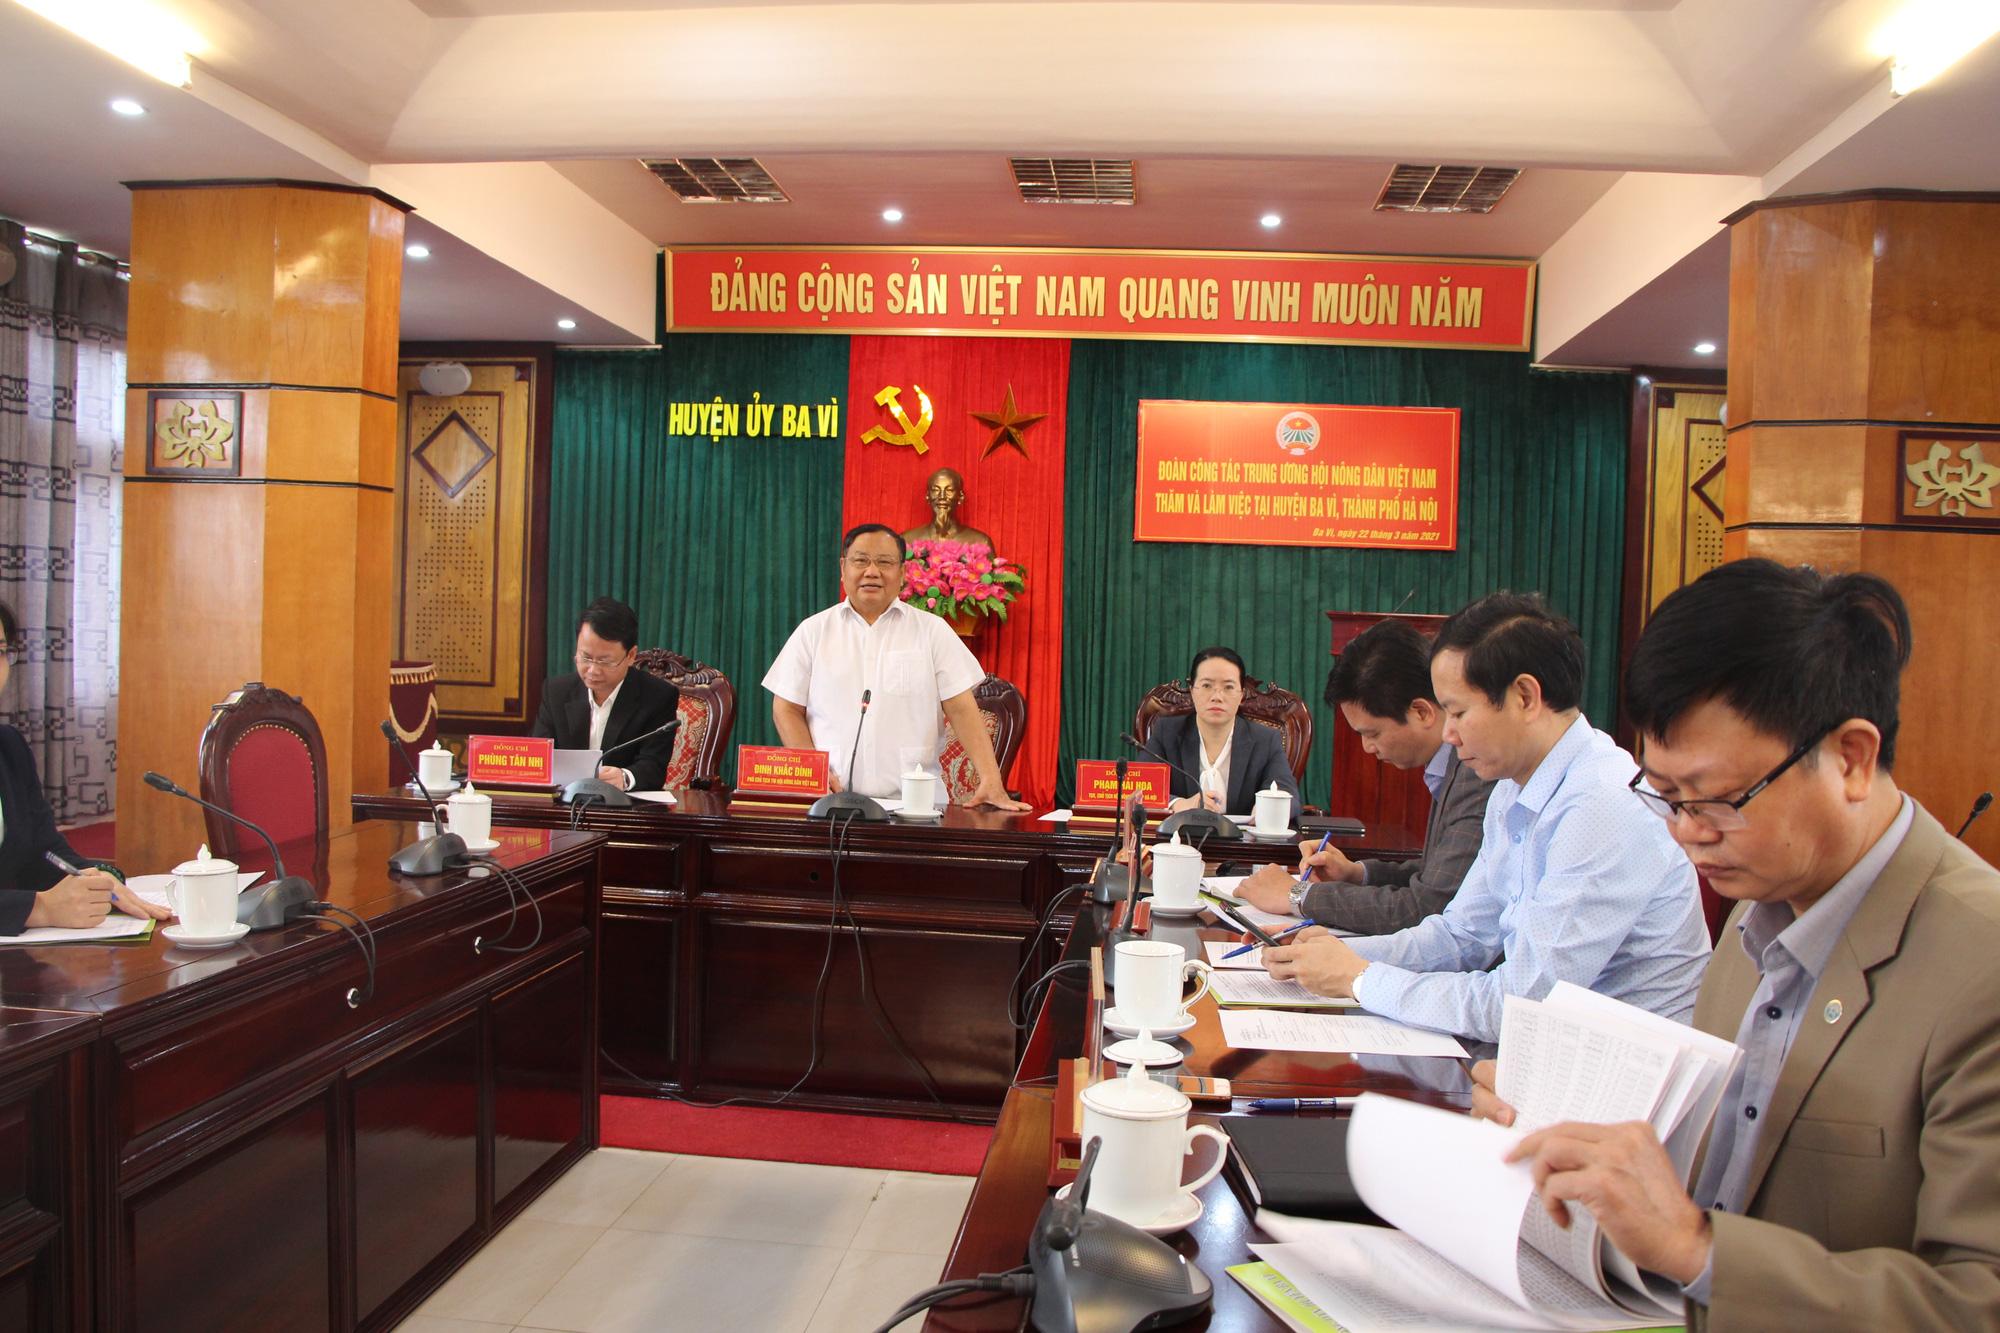 Phó Chủ tịch Hội Nông dân Việt Nam thăm nơi cả làng là người Dao làm nghề thuốc Nam - Ảnh 6.